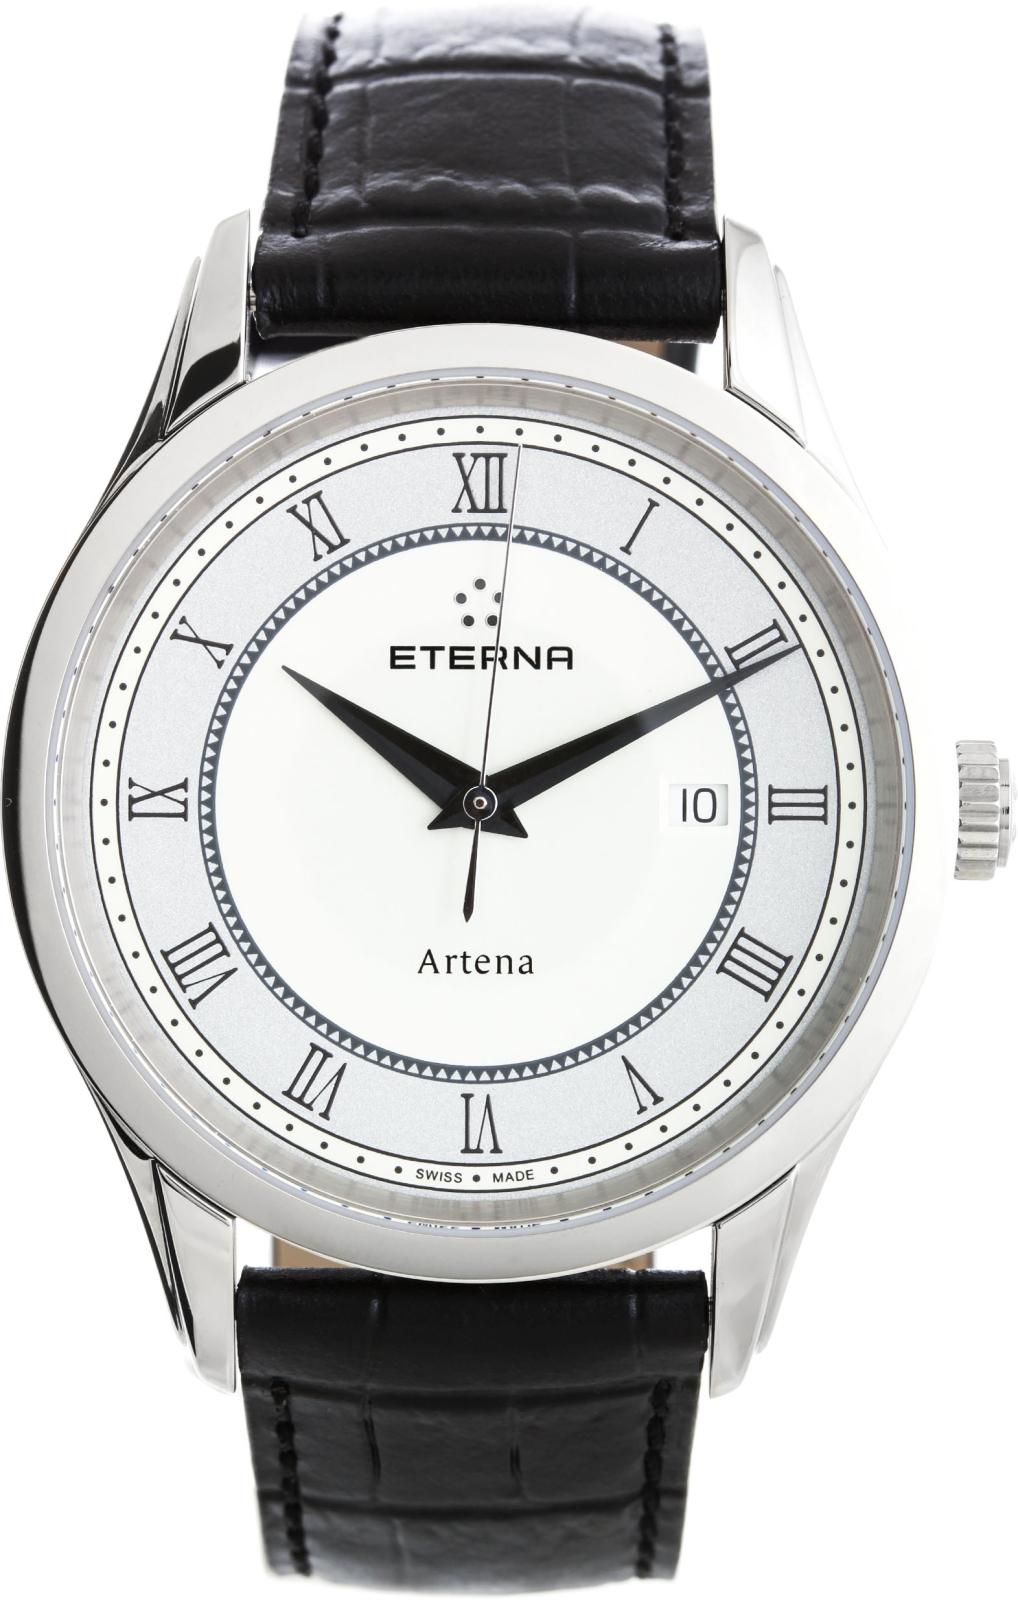 Eterna Artena 2520.41.55.1258Наручные часы<br>Швейцарские часы Eterna Artena 2520.41.55.1258Данная модель входит в коллекцию Artena. Это настоящие мужские часы. Материал корпуса часов — сталь. Стекло - сапфировое. Часы выдерживают давление на глубине 30 м.<br><br>Пол: Мужские<br>Страна-производитель: Швейцария<br>Механизм: Кварцевый<br>Материал корпуса: Сталь<br>Материал ремня/браслета: Кожа<br>Водозащита, диапазон: 20 - 100 м<br>Стекло: Сапфировое<br>Толщина корпуса: None<br>Стиль: None